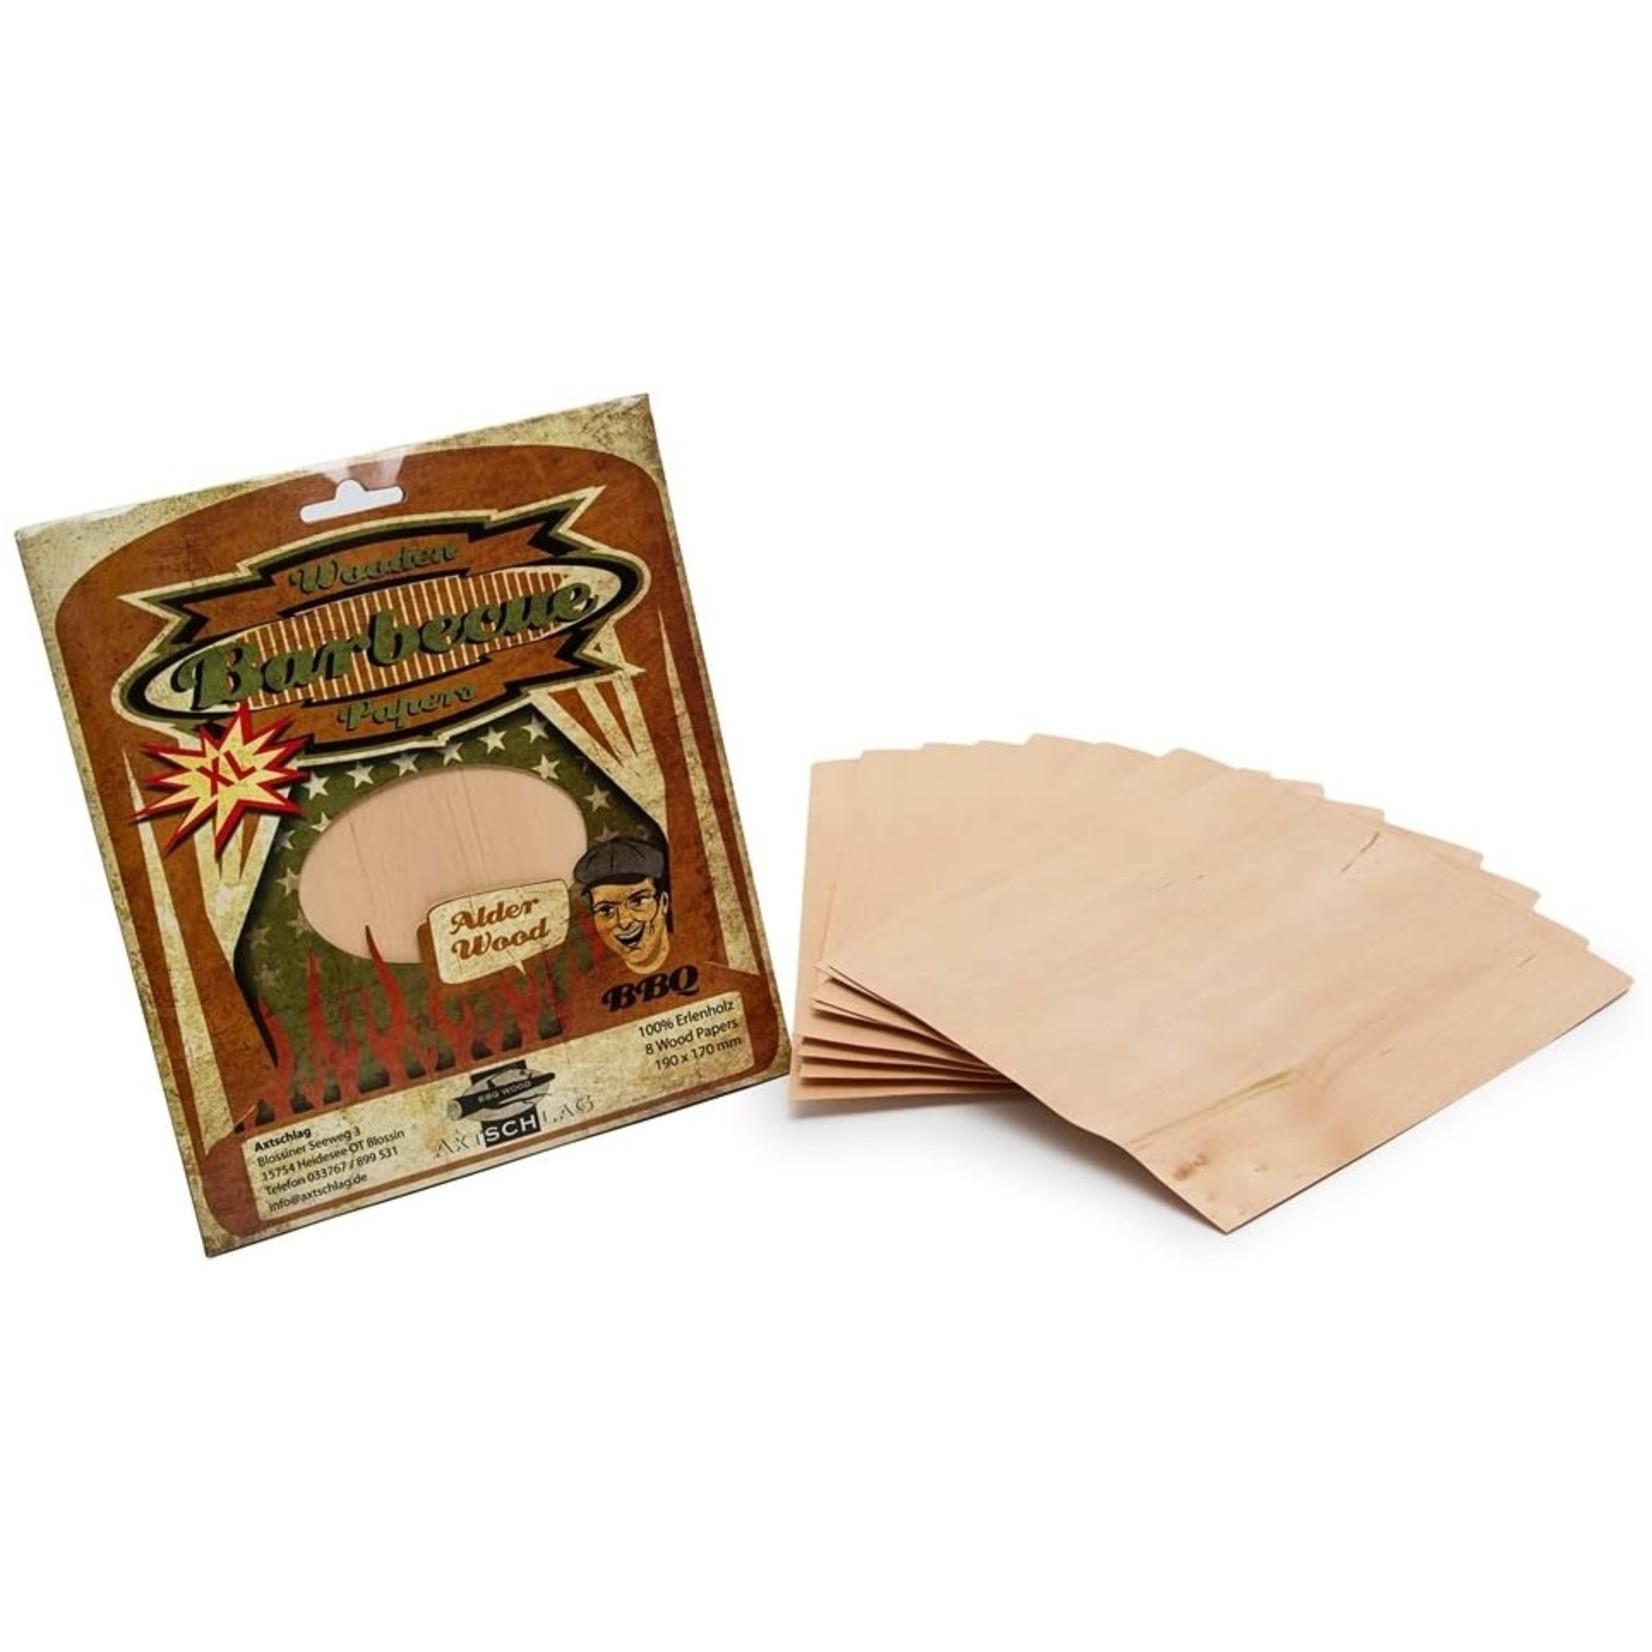 Axtschlag Axtschlag wood bbq papers Alder wood